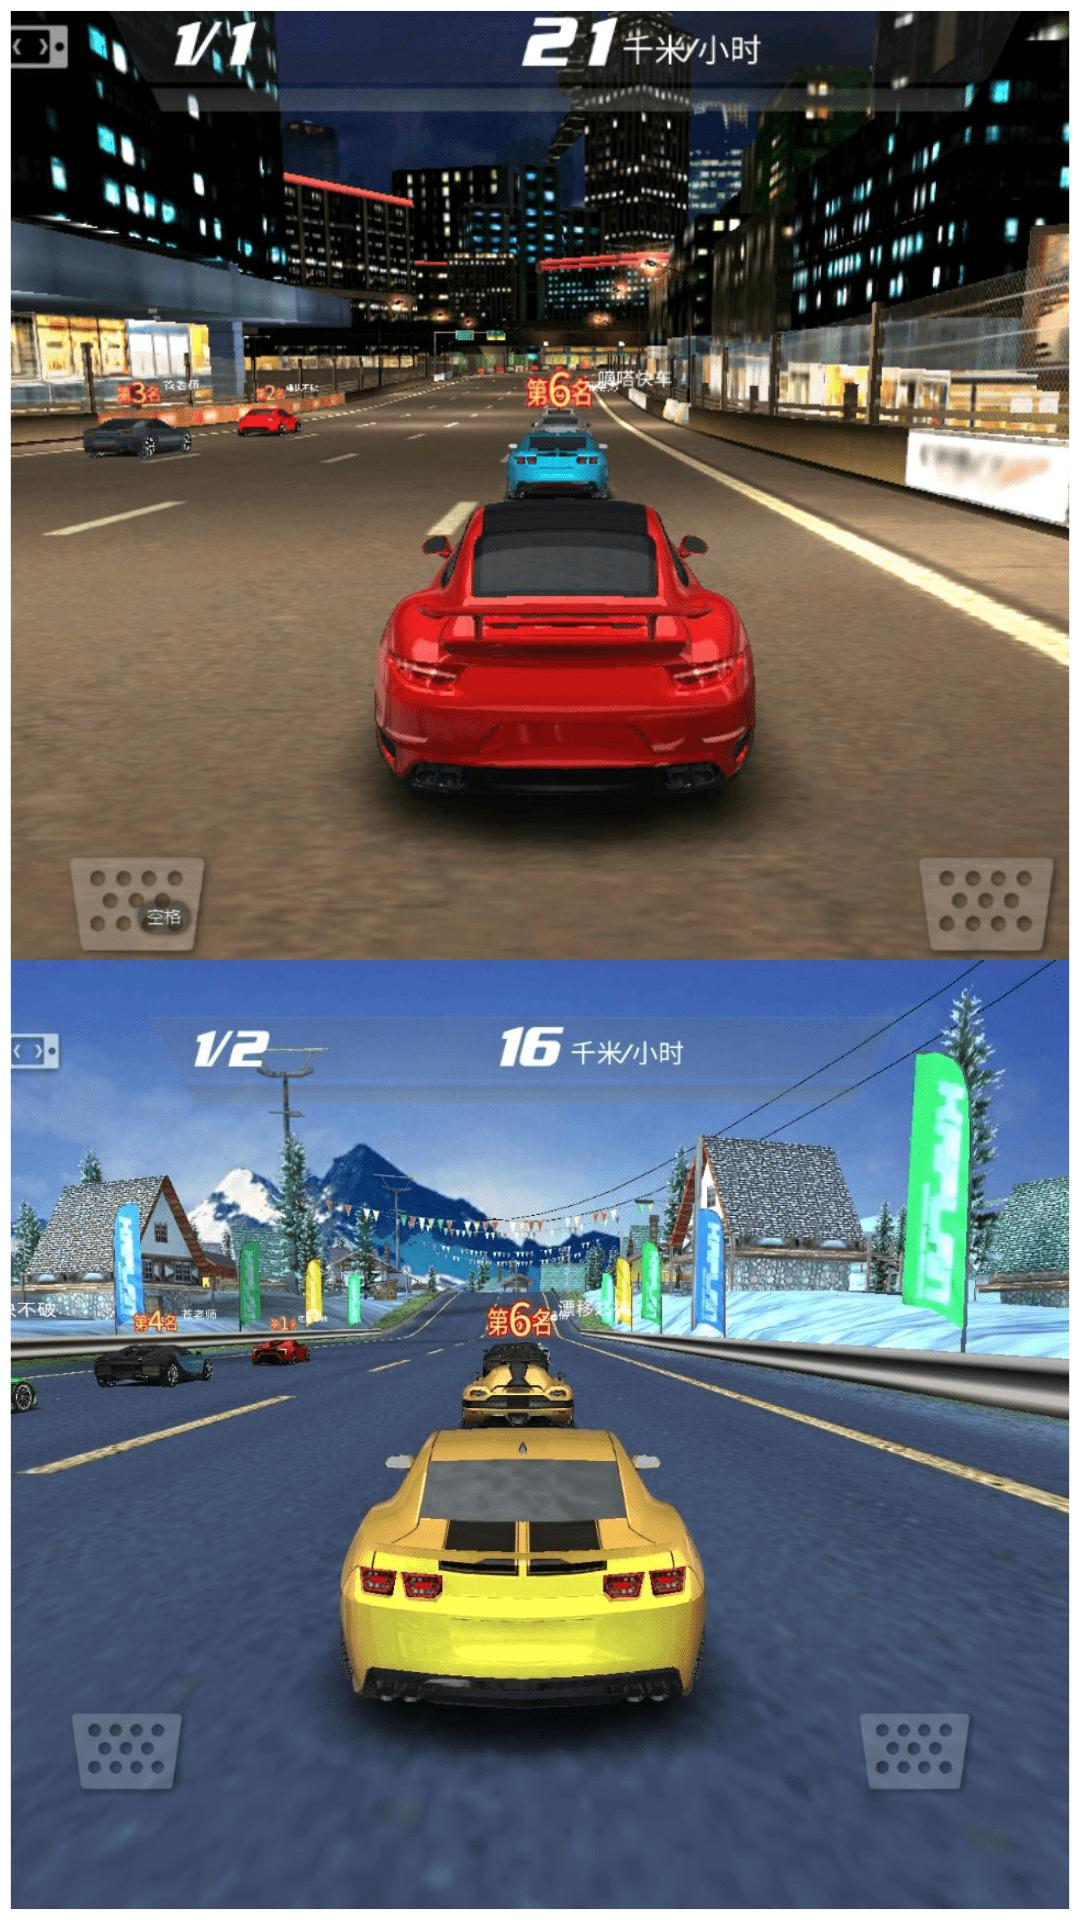 超越极限飞车竞速正式版